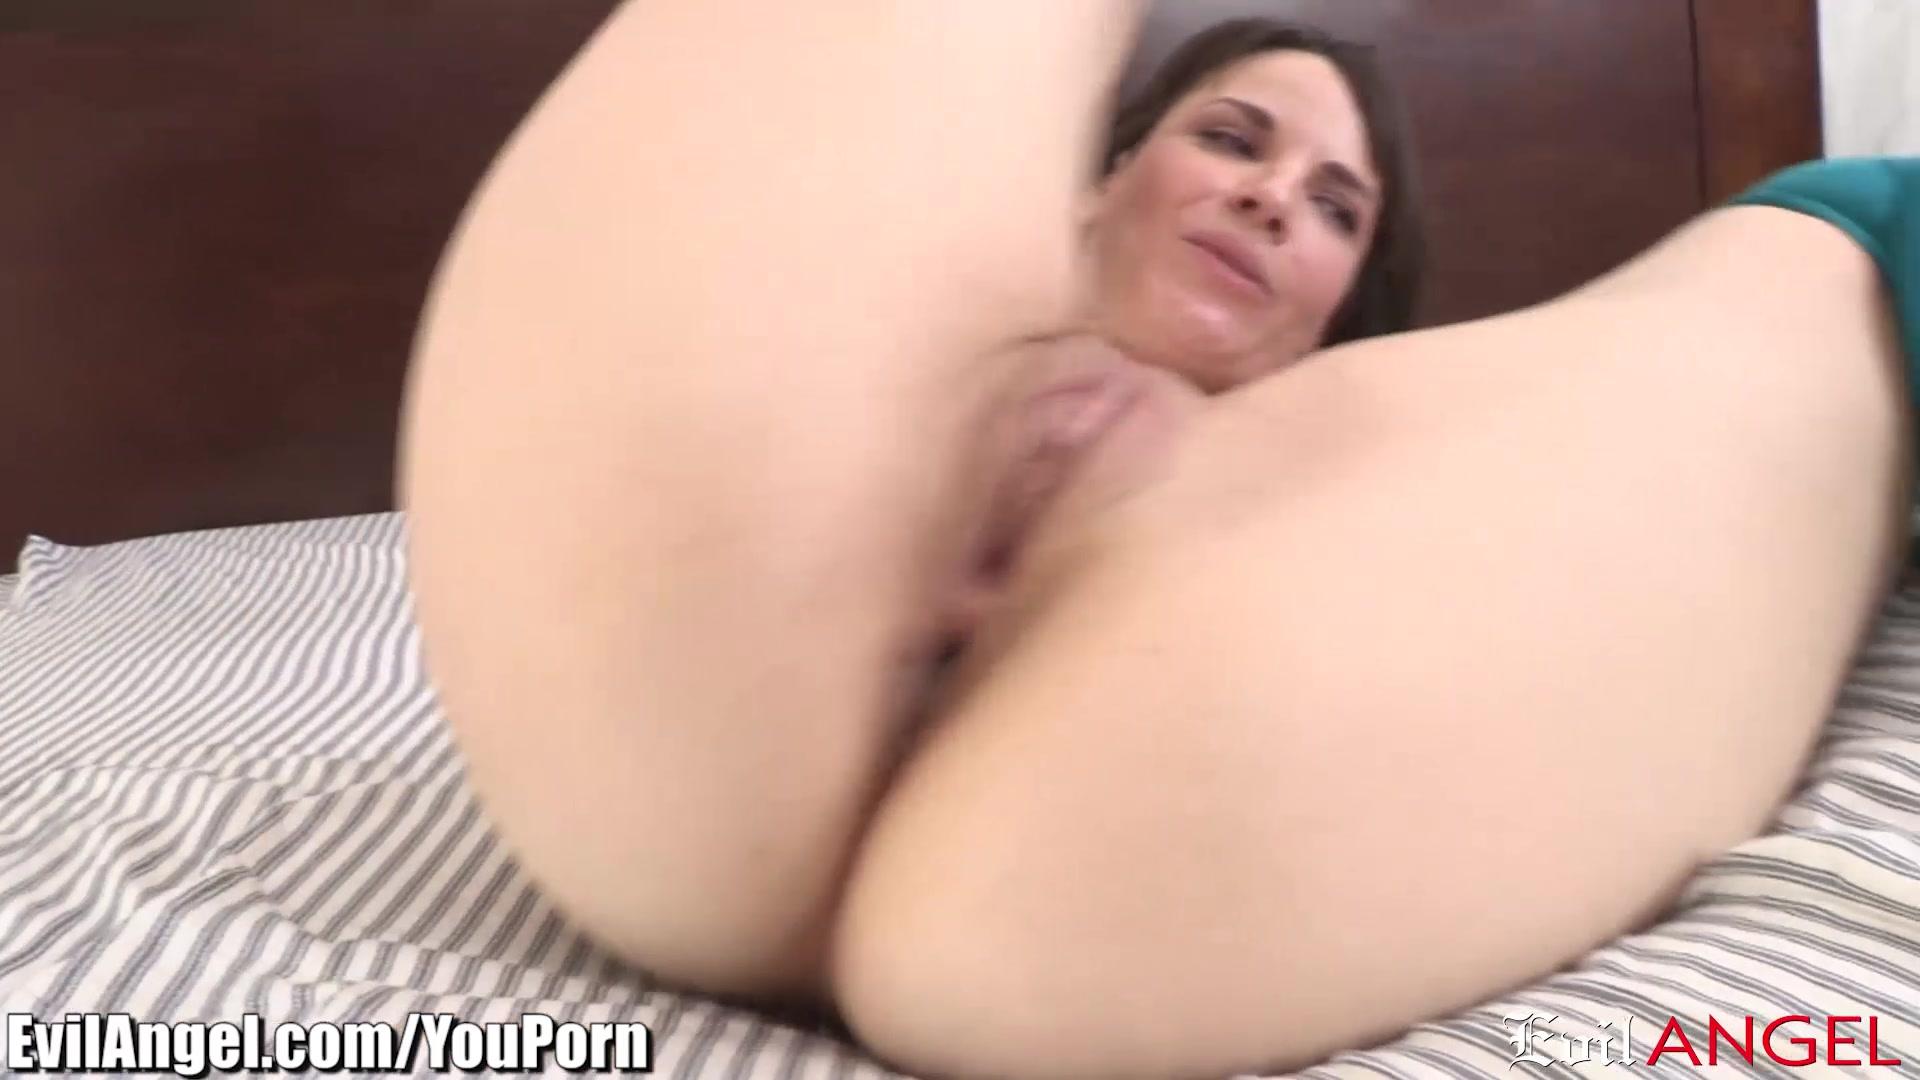 Смотреть порно анальная мастурбация онлайн 17 фотография